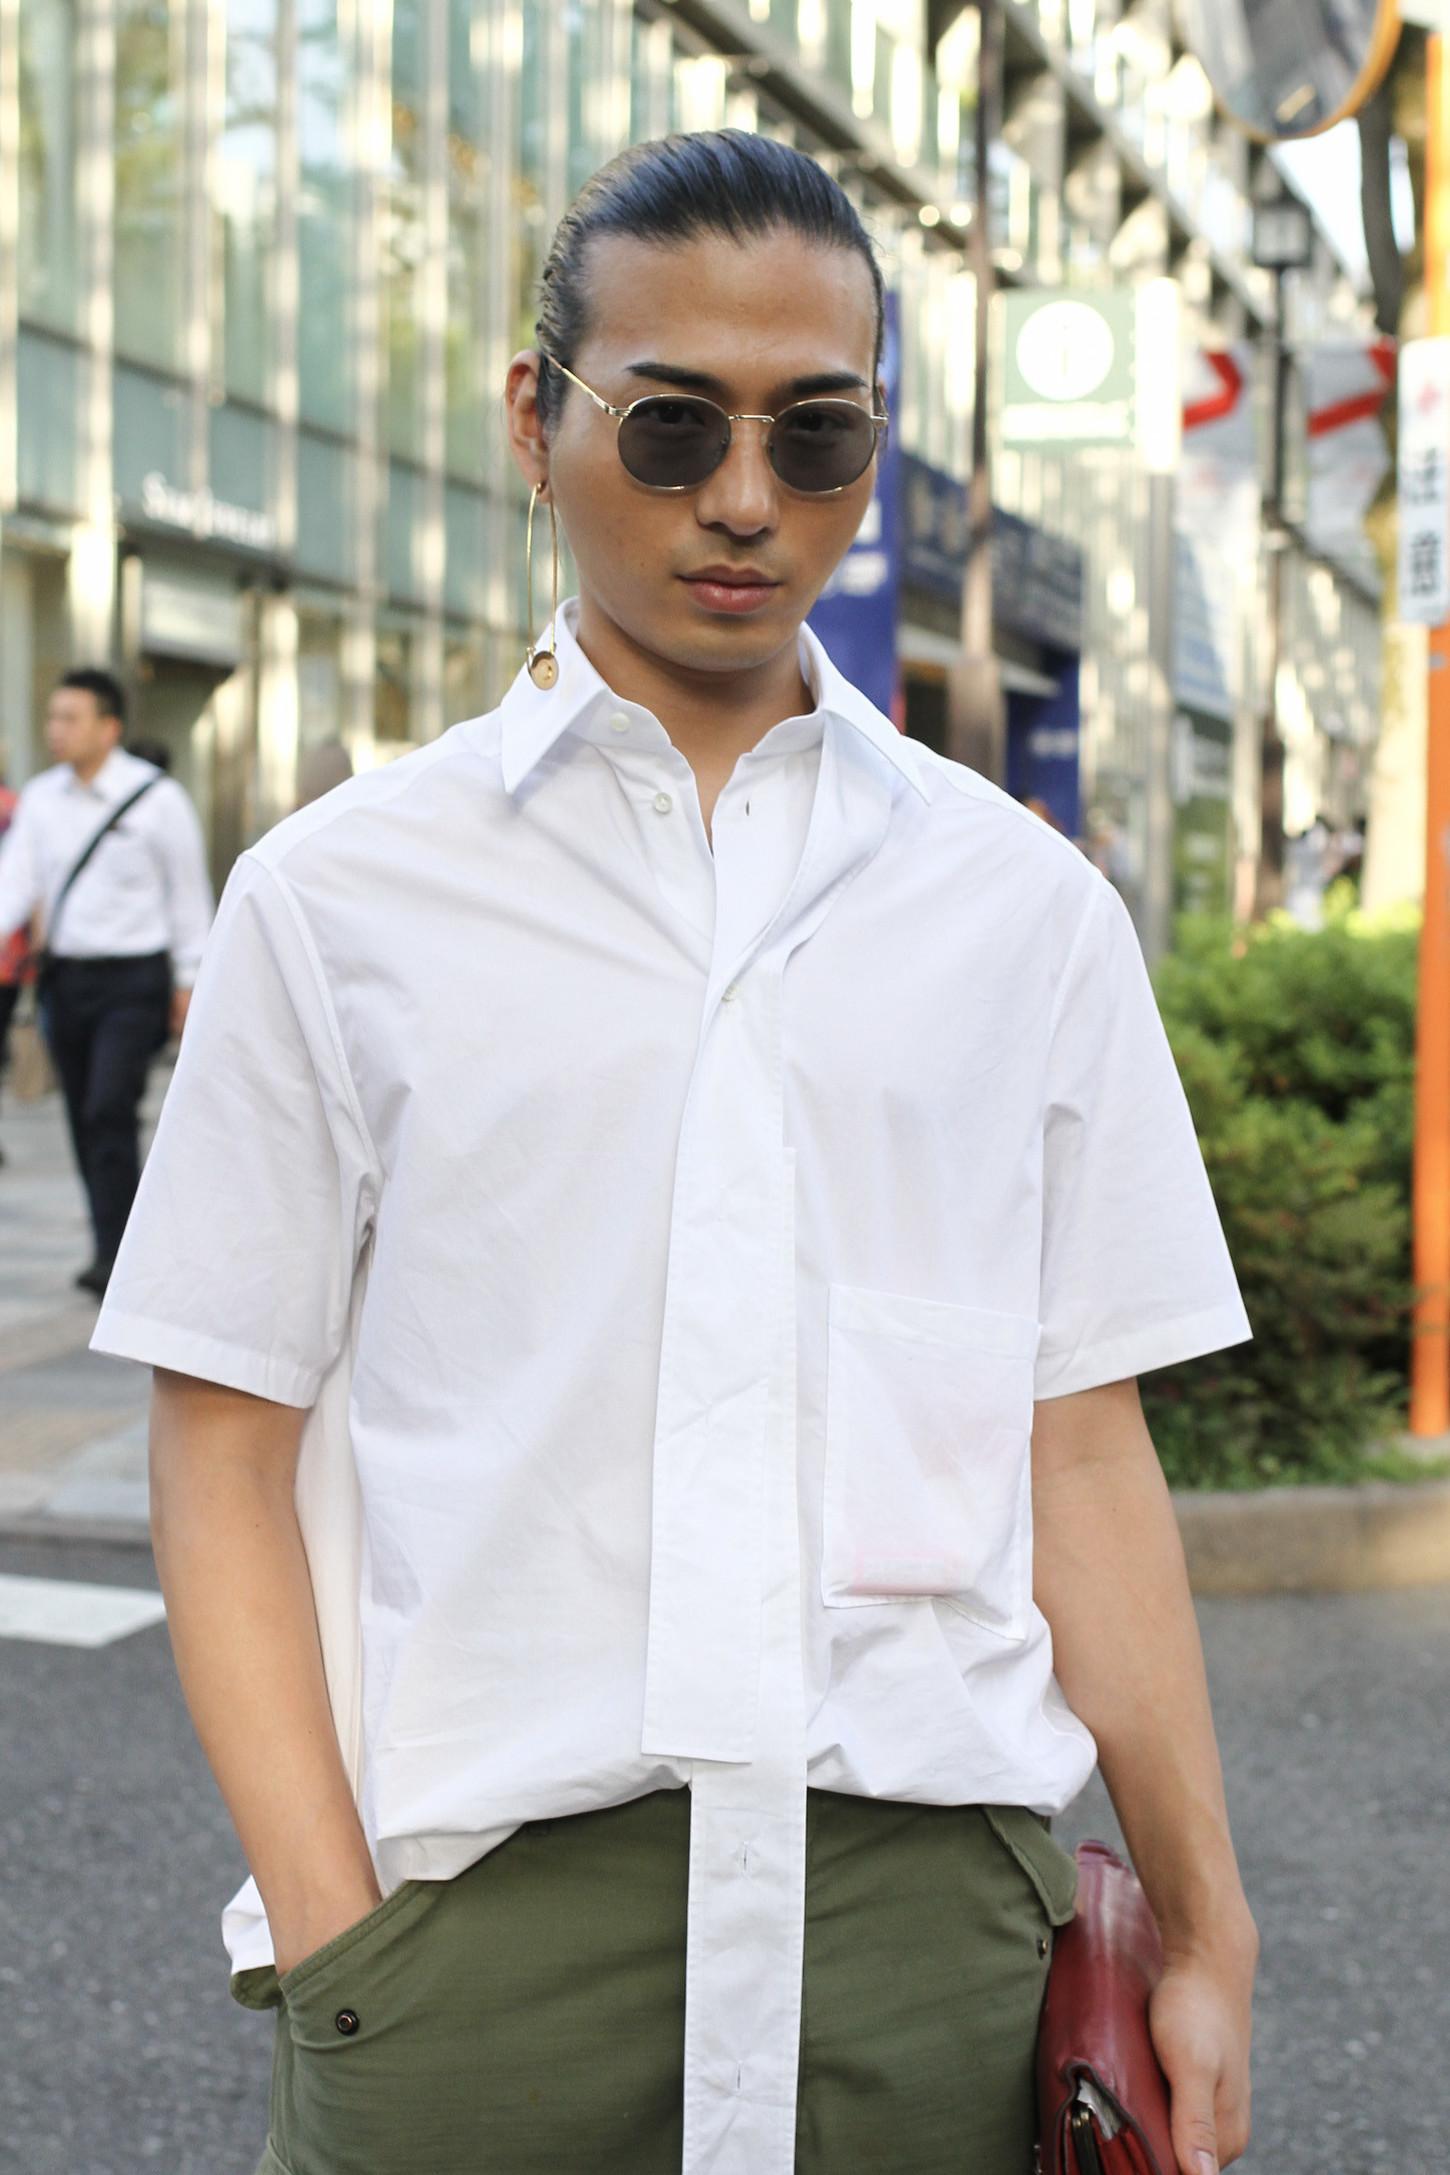 Shunsuke Okabe